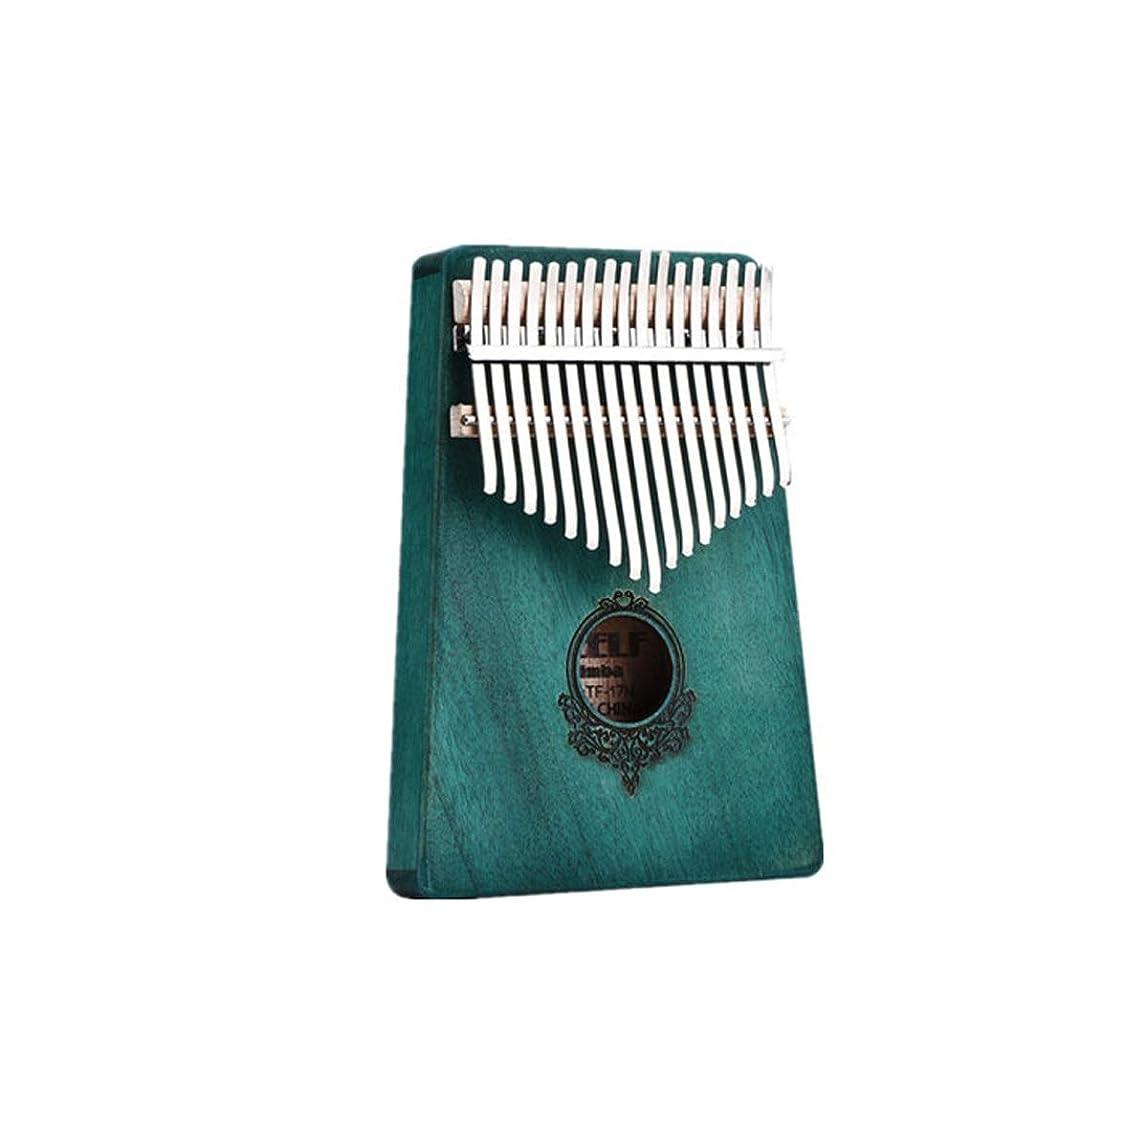 松の木収縮後者17トーンの親指ピアニスト指ピアノ初心者エントリー楽器、家族や友人のための最高の贈り物 (Color : Green)